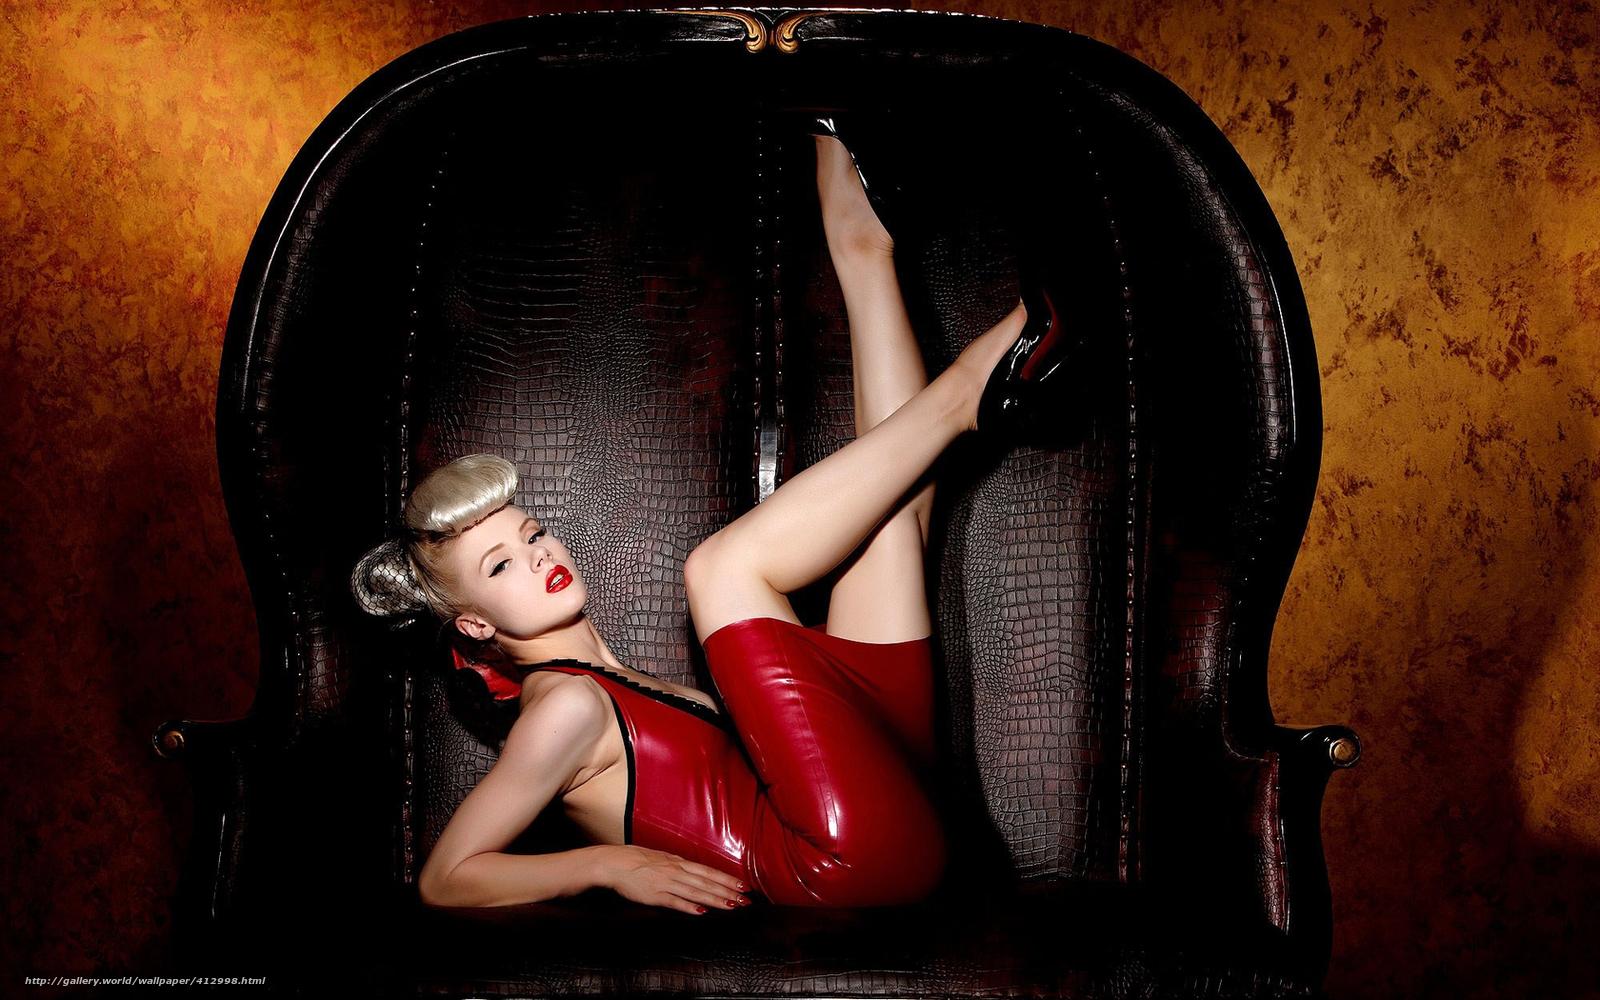 Фото блондинок в кресле 18 фотография